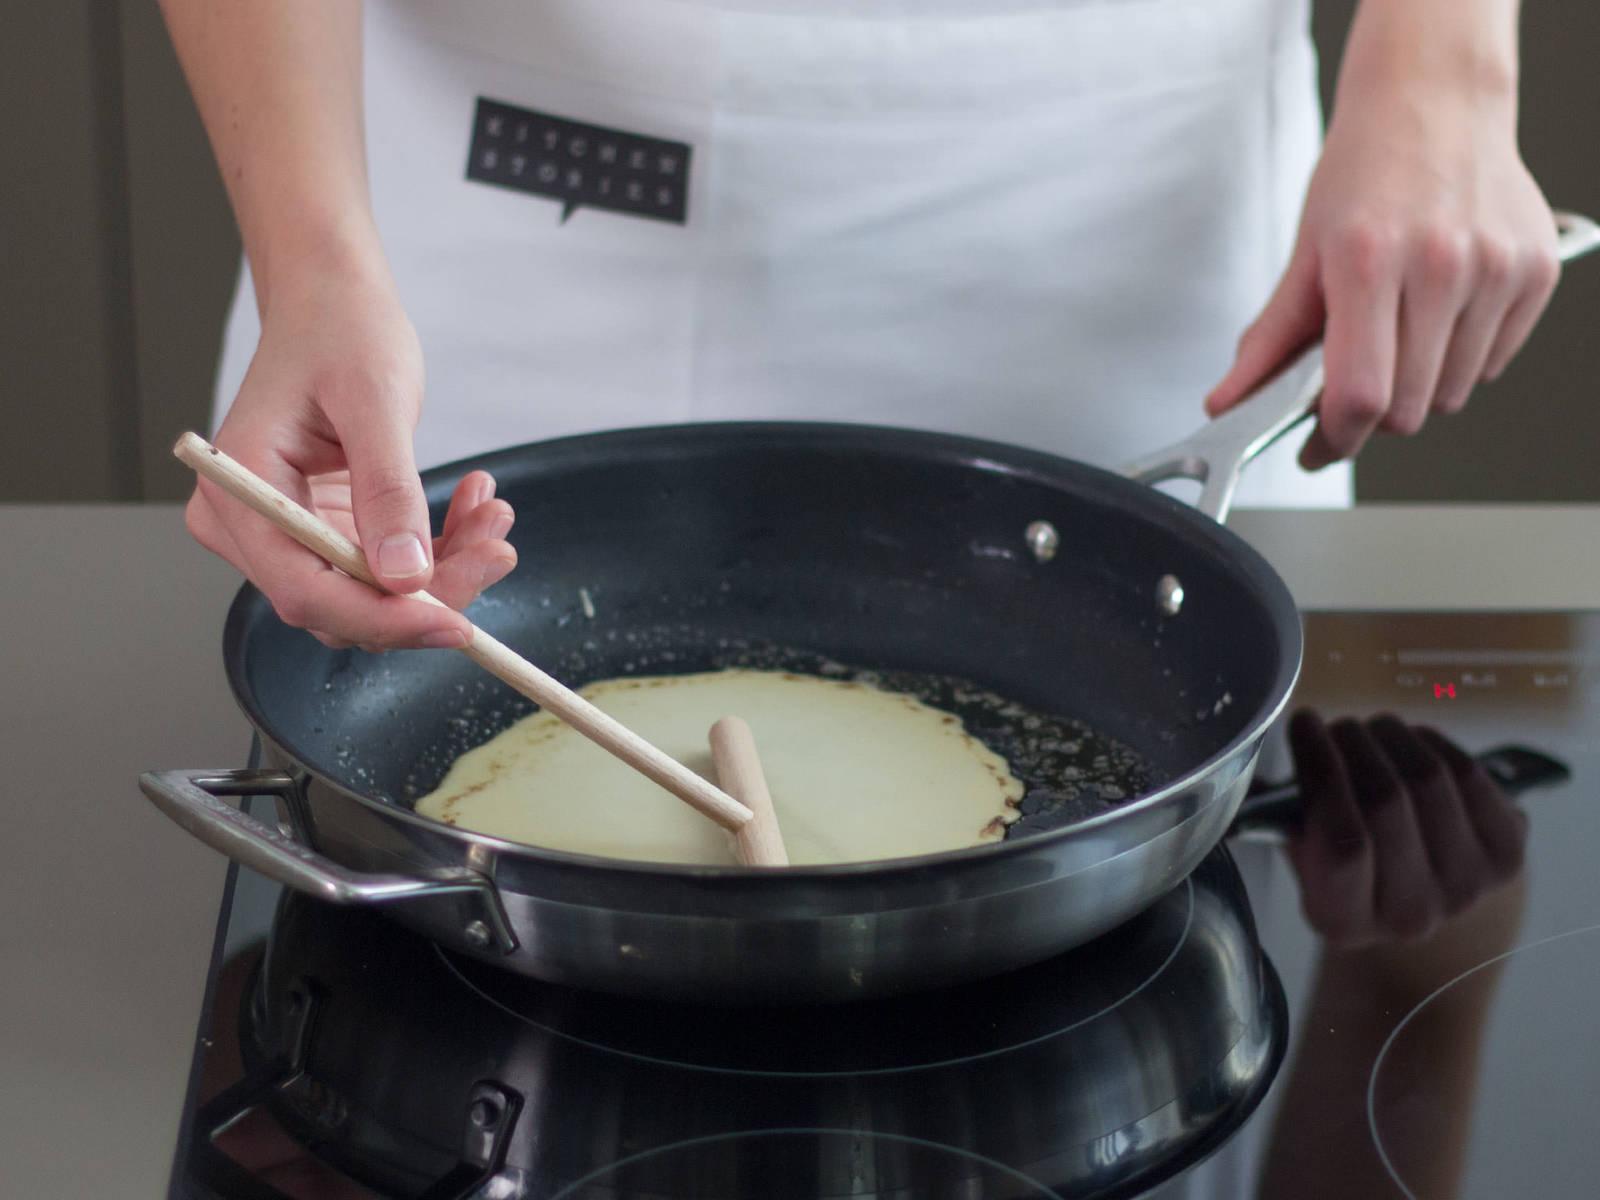 用中高温在大煎锅中融化黄油,舀入面糊,两面各煎约1分钟至金棕色,放入盘中冷却待用。